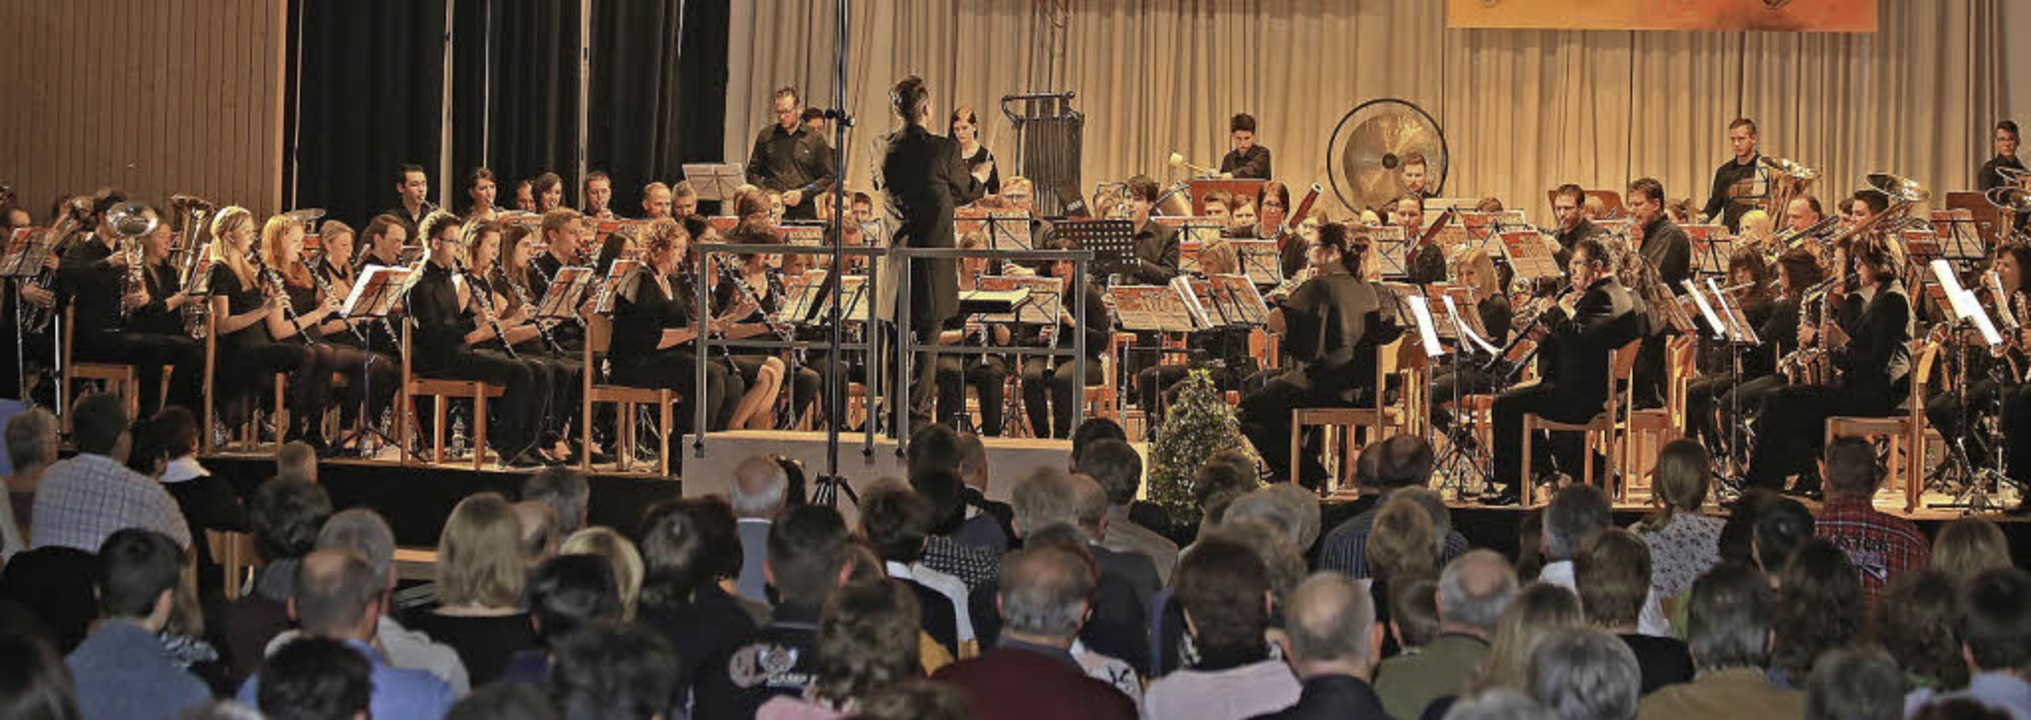 Mehr als 100 Musikerinnen und Musiker ... in Mahlberg gemeinsam auf der Bühne.   | Foto: Sandra Decoux-Kone